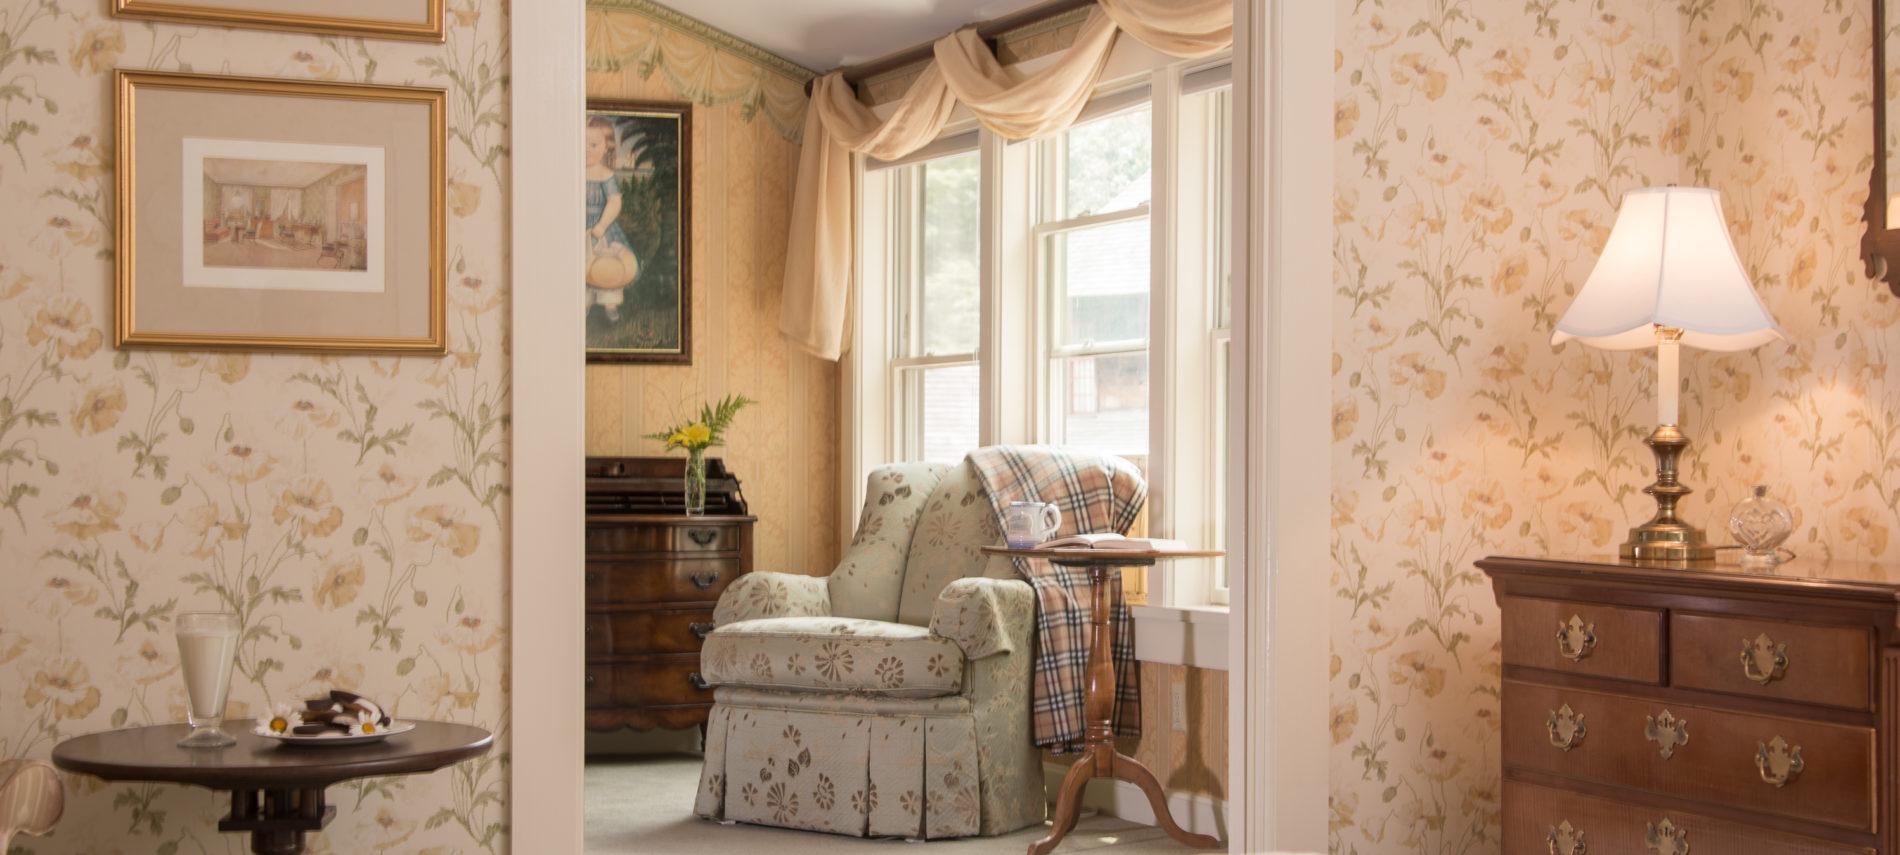 Deerfield Inn guestroom